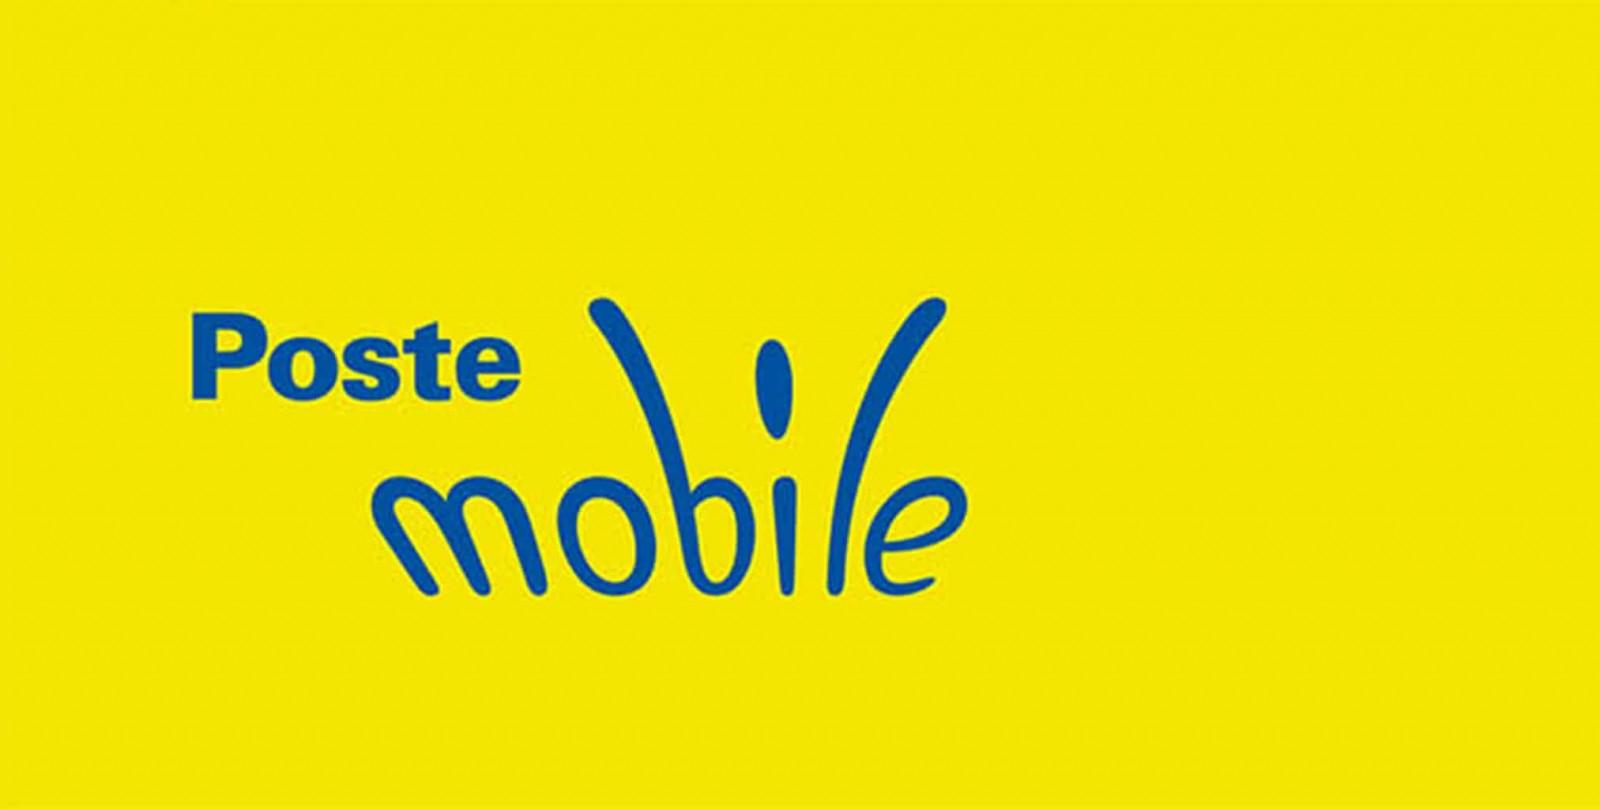 PosteMobile lancia Creami Extra 3 GB per i titolari di libretto postale